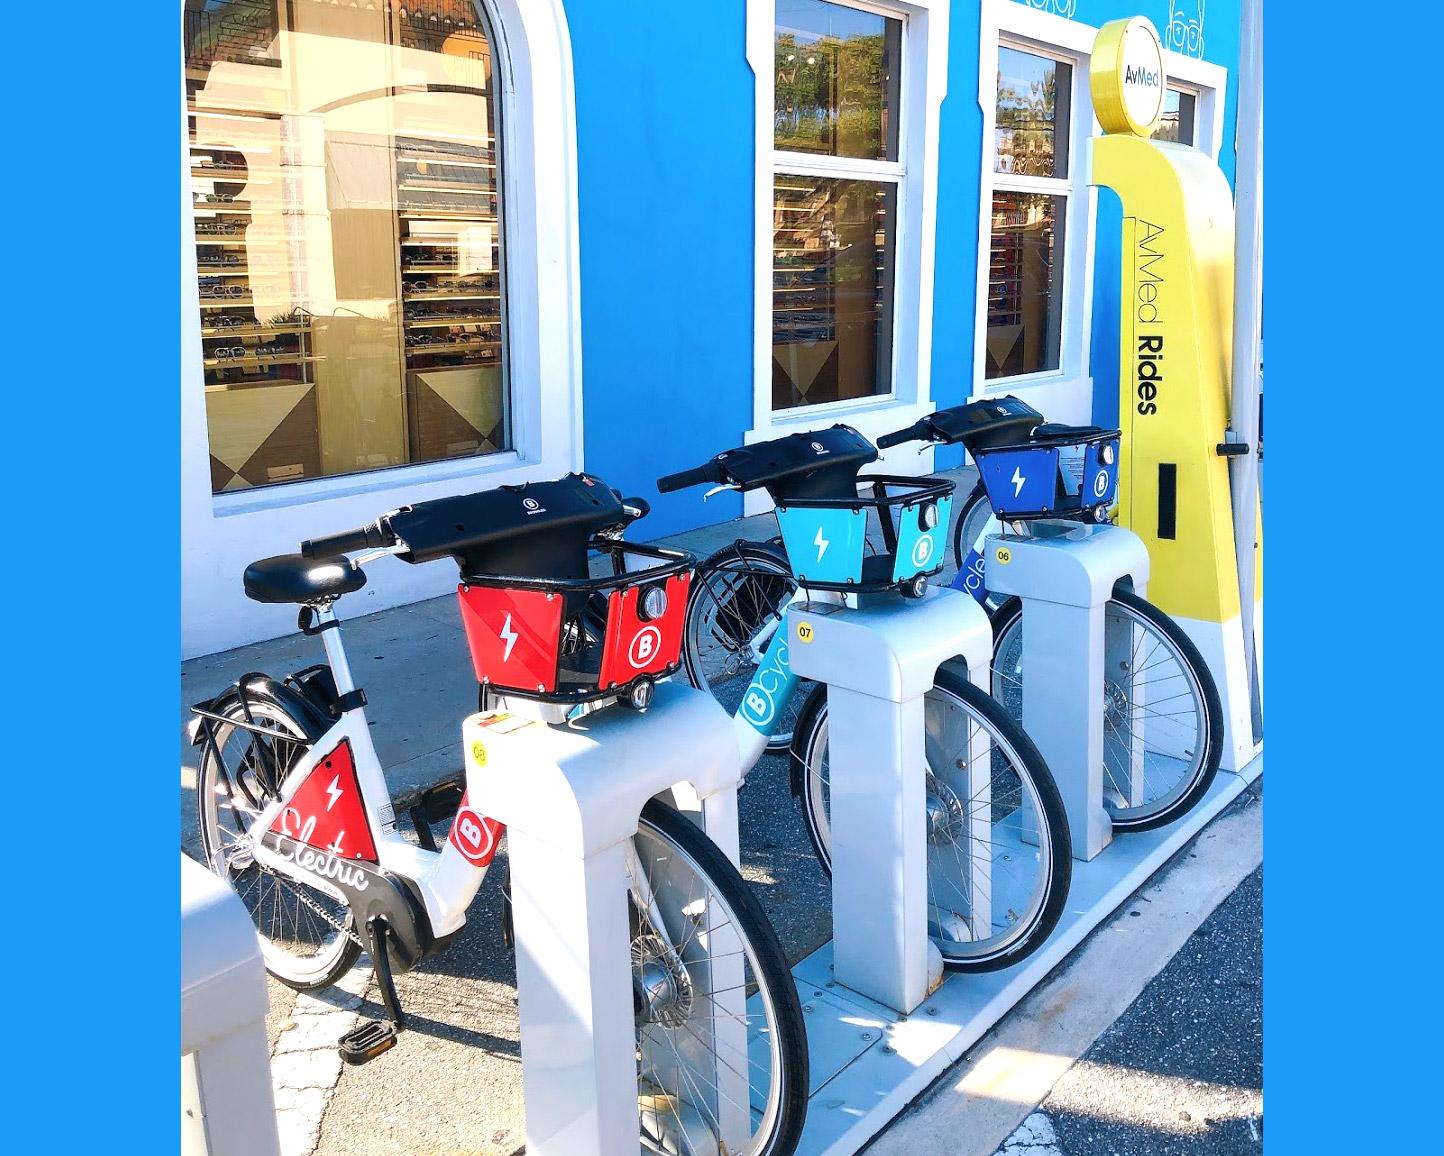 メンバーになると30分FREEライド付【AvMed Rides】南フロリダのレンタル自転車サービス